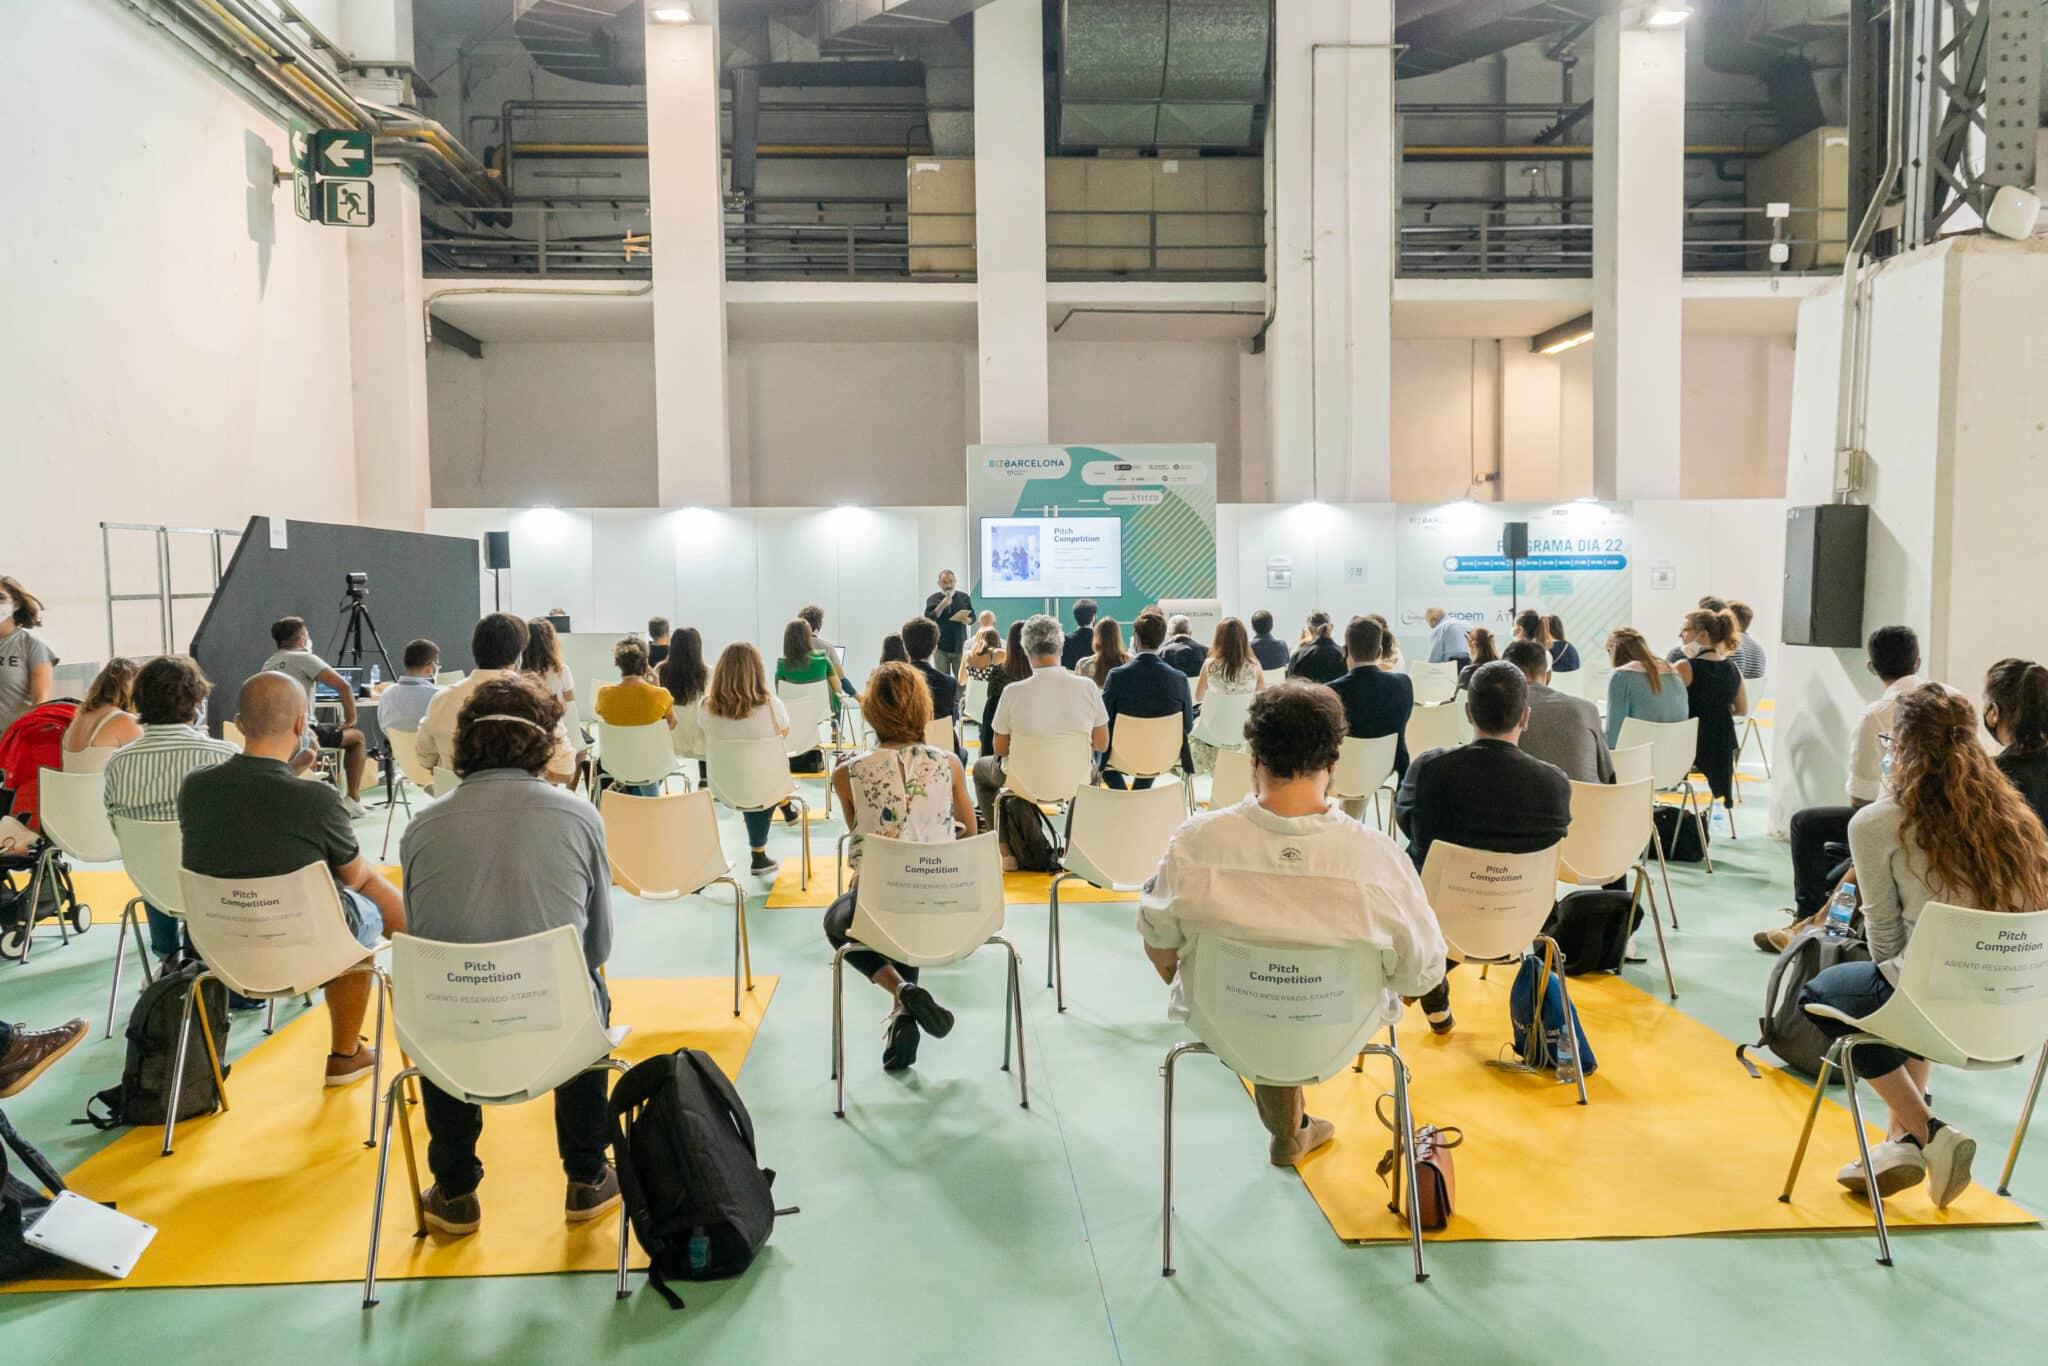 Los eventos más destacados para Startups en España